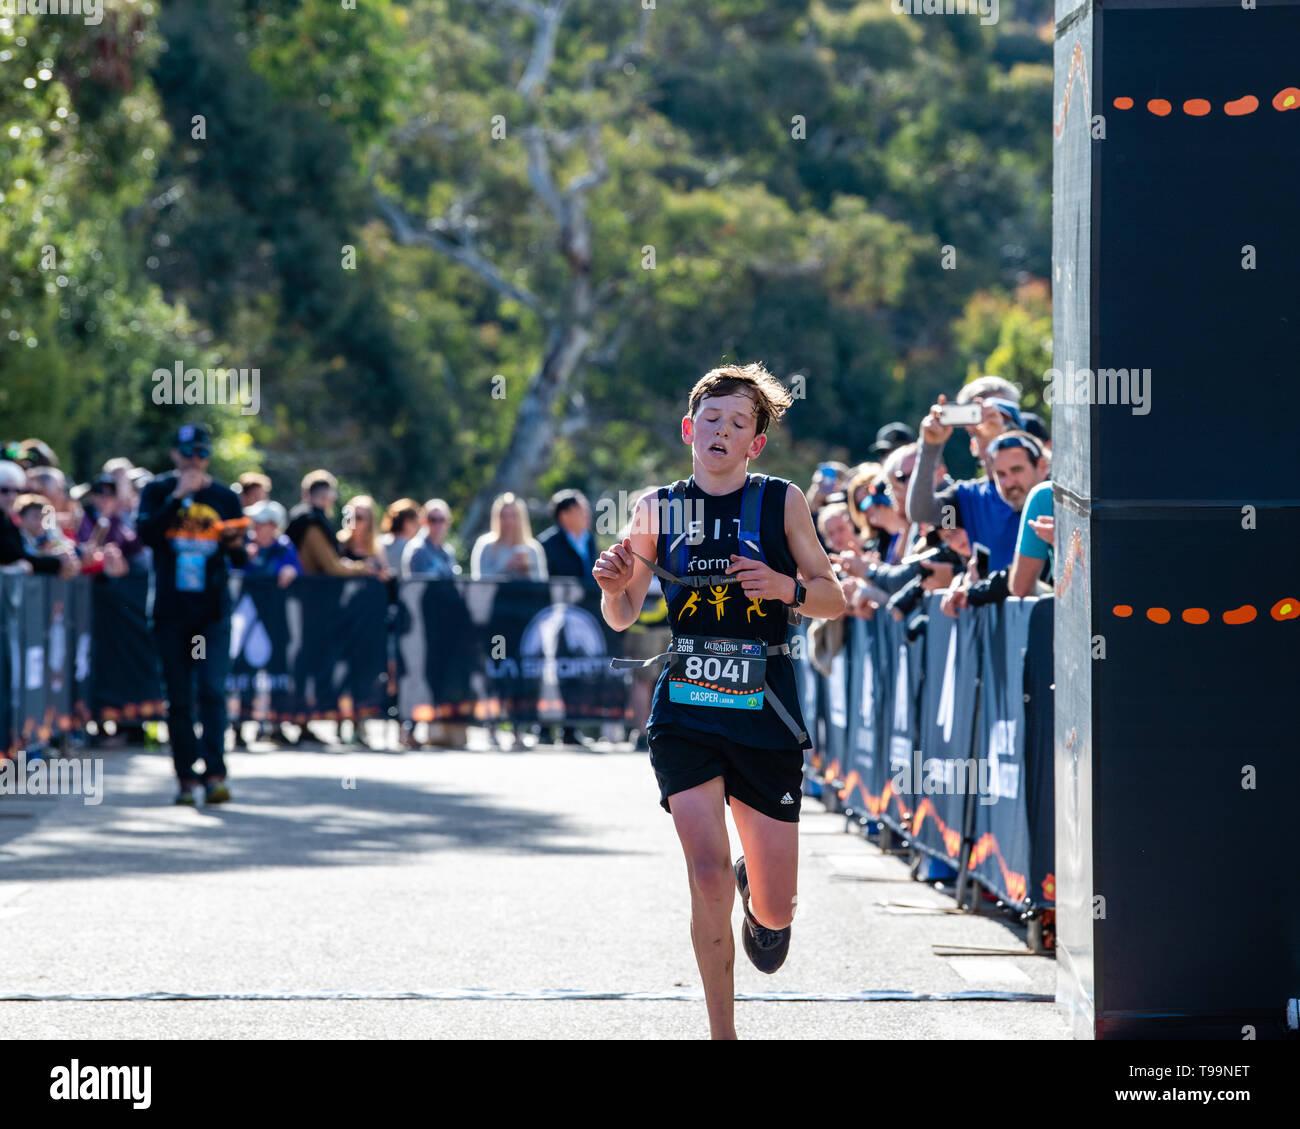 Blue Mountains, Australia - April 16 2019: Ultra-Trail Australia UTA11 race. Runner Capser Larkin crosses at the finish line. - Stock Image